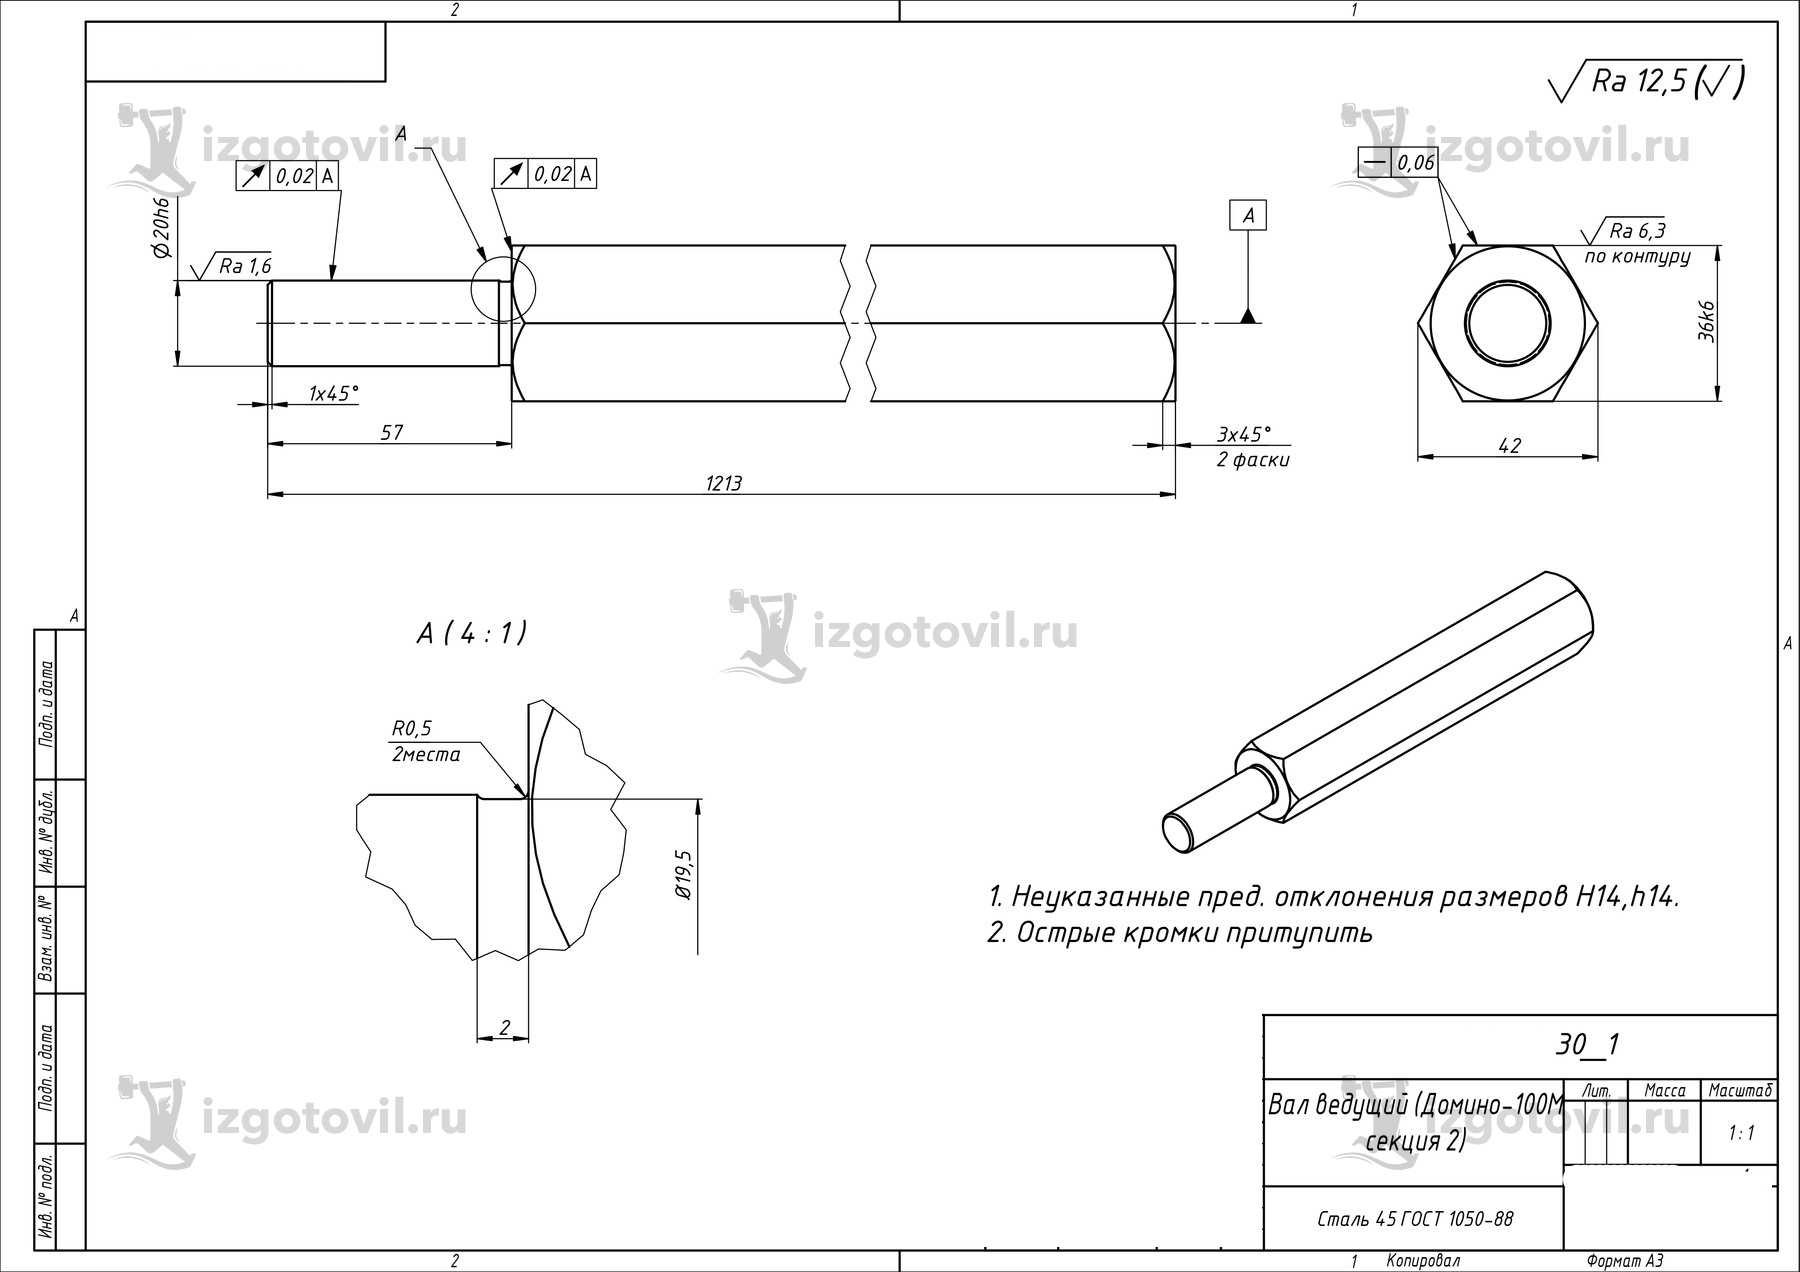 Изготовление деталей по чертежам - изготовление валов